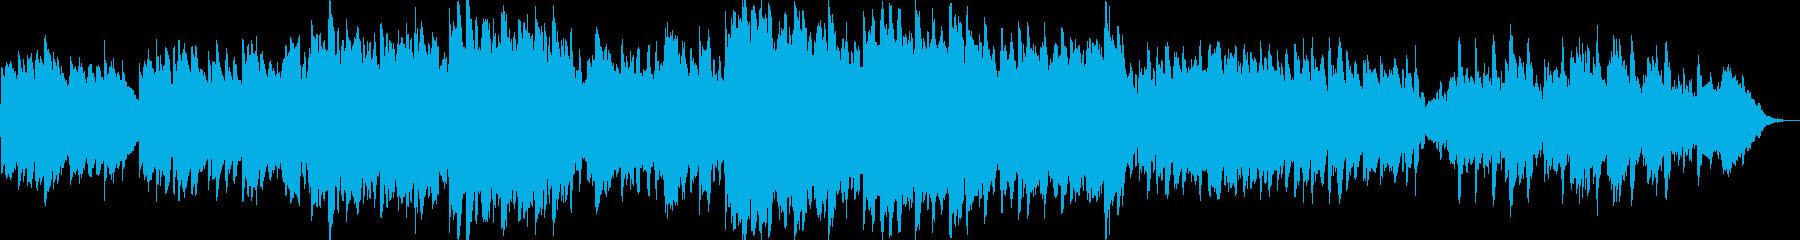 可愛らしい音色のゆったりリラクゼーションの再生済みの波形